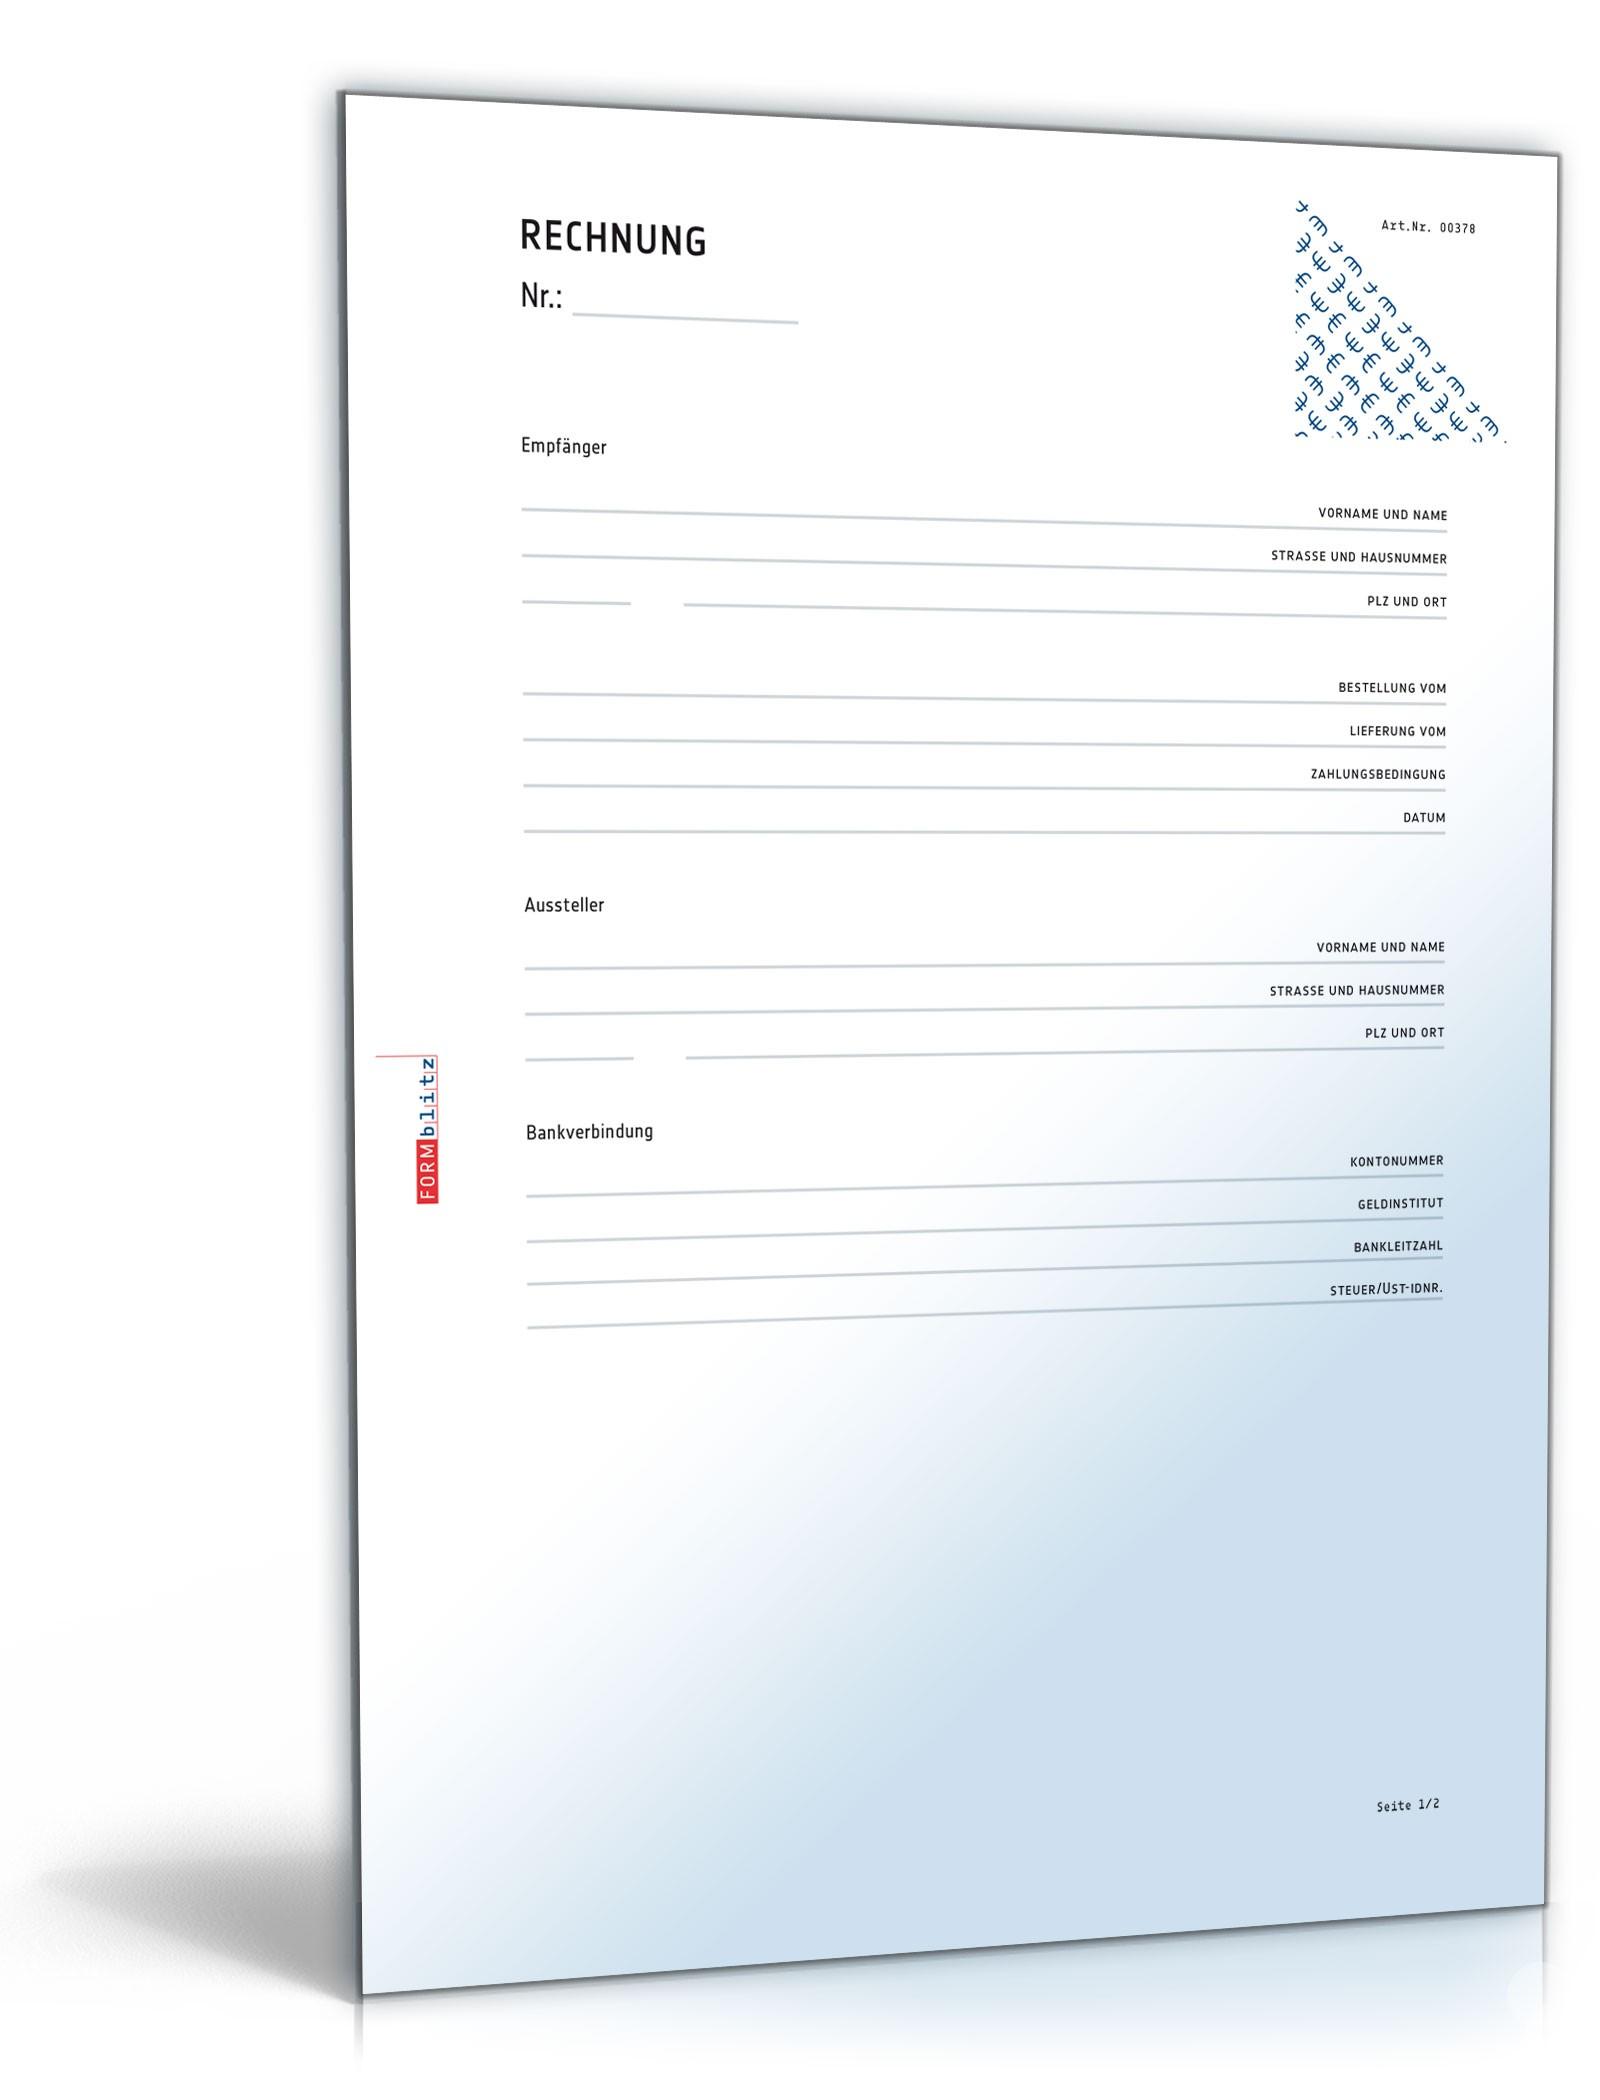 Rechnung Dokument zum Download